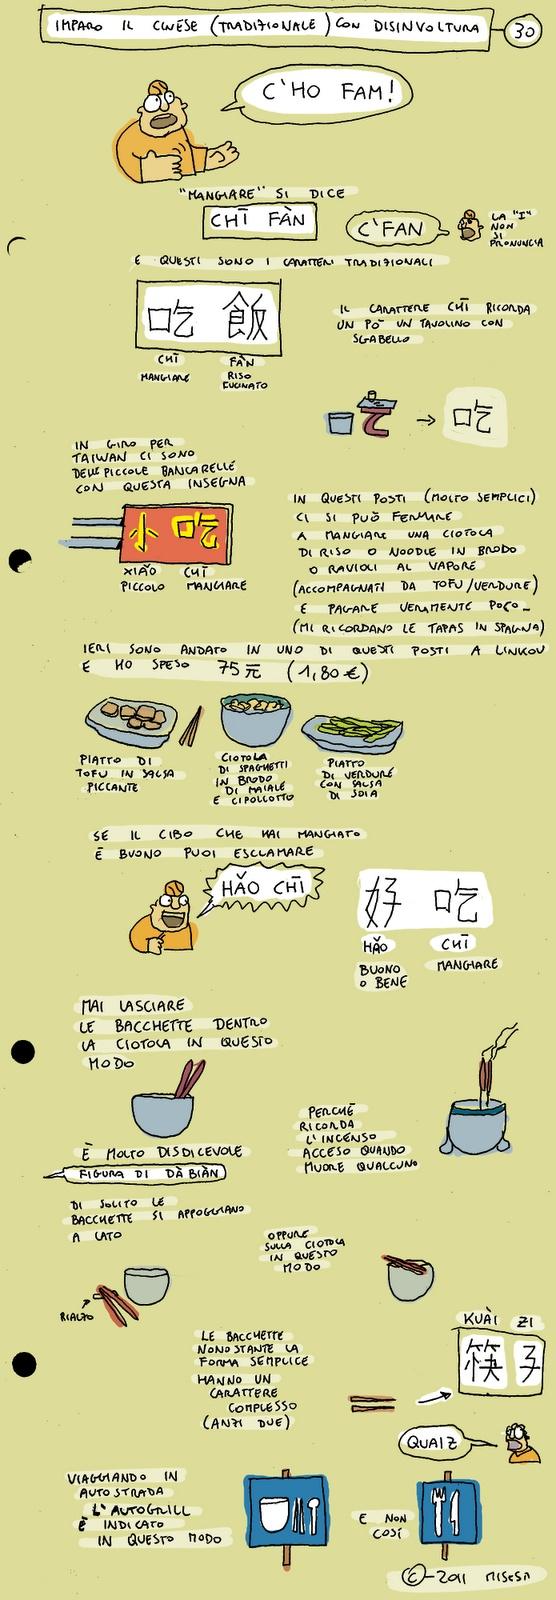 Imparare il cinese con dinsinvoltura (di Stefano Misesti)